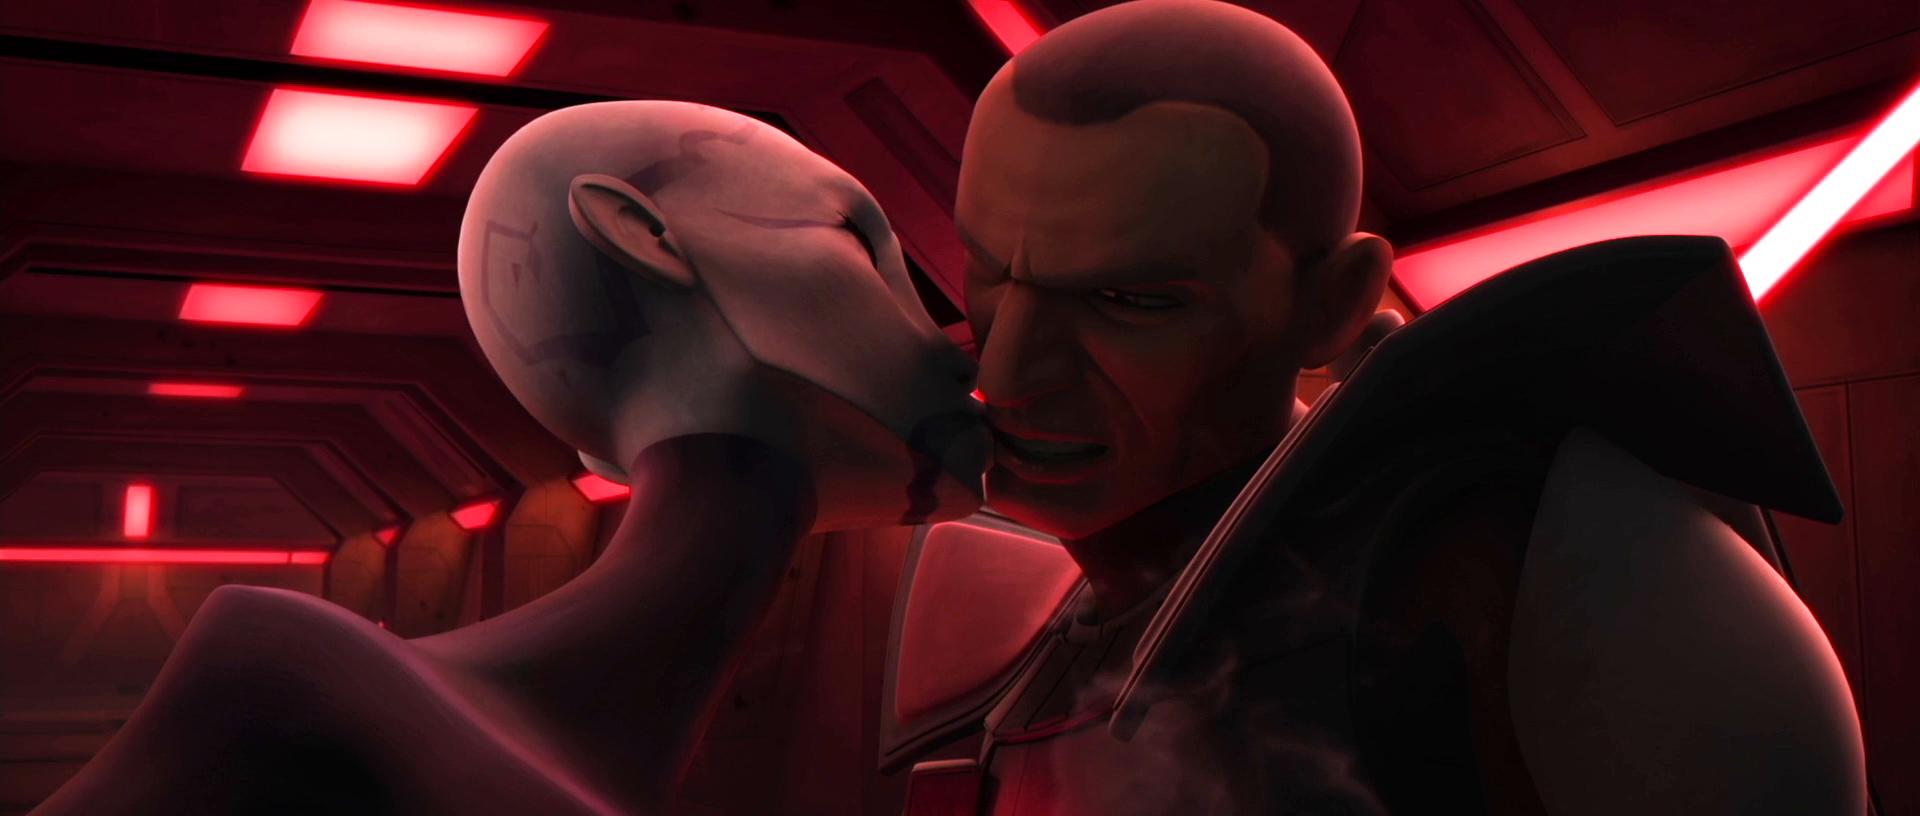 Starwars the clone wars sex hentai streaming